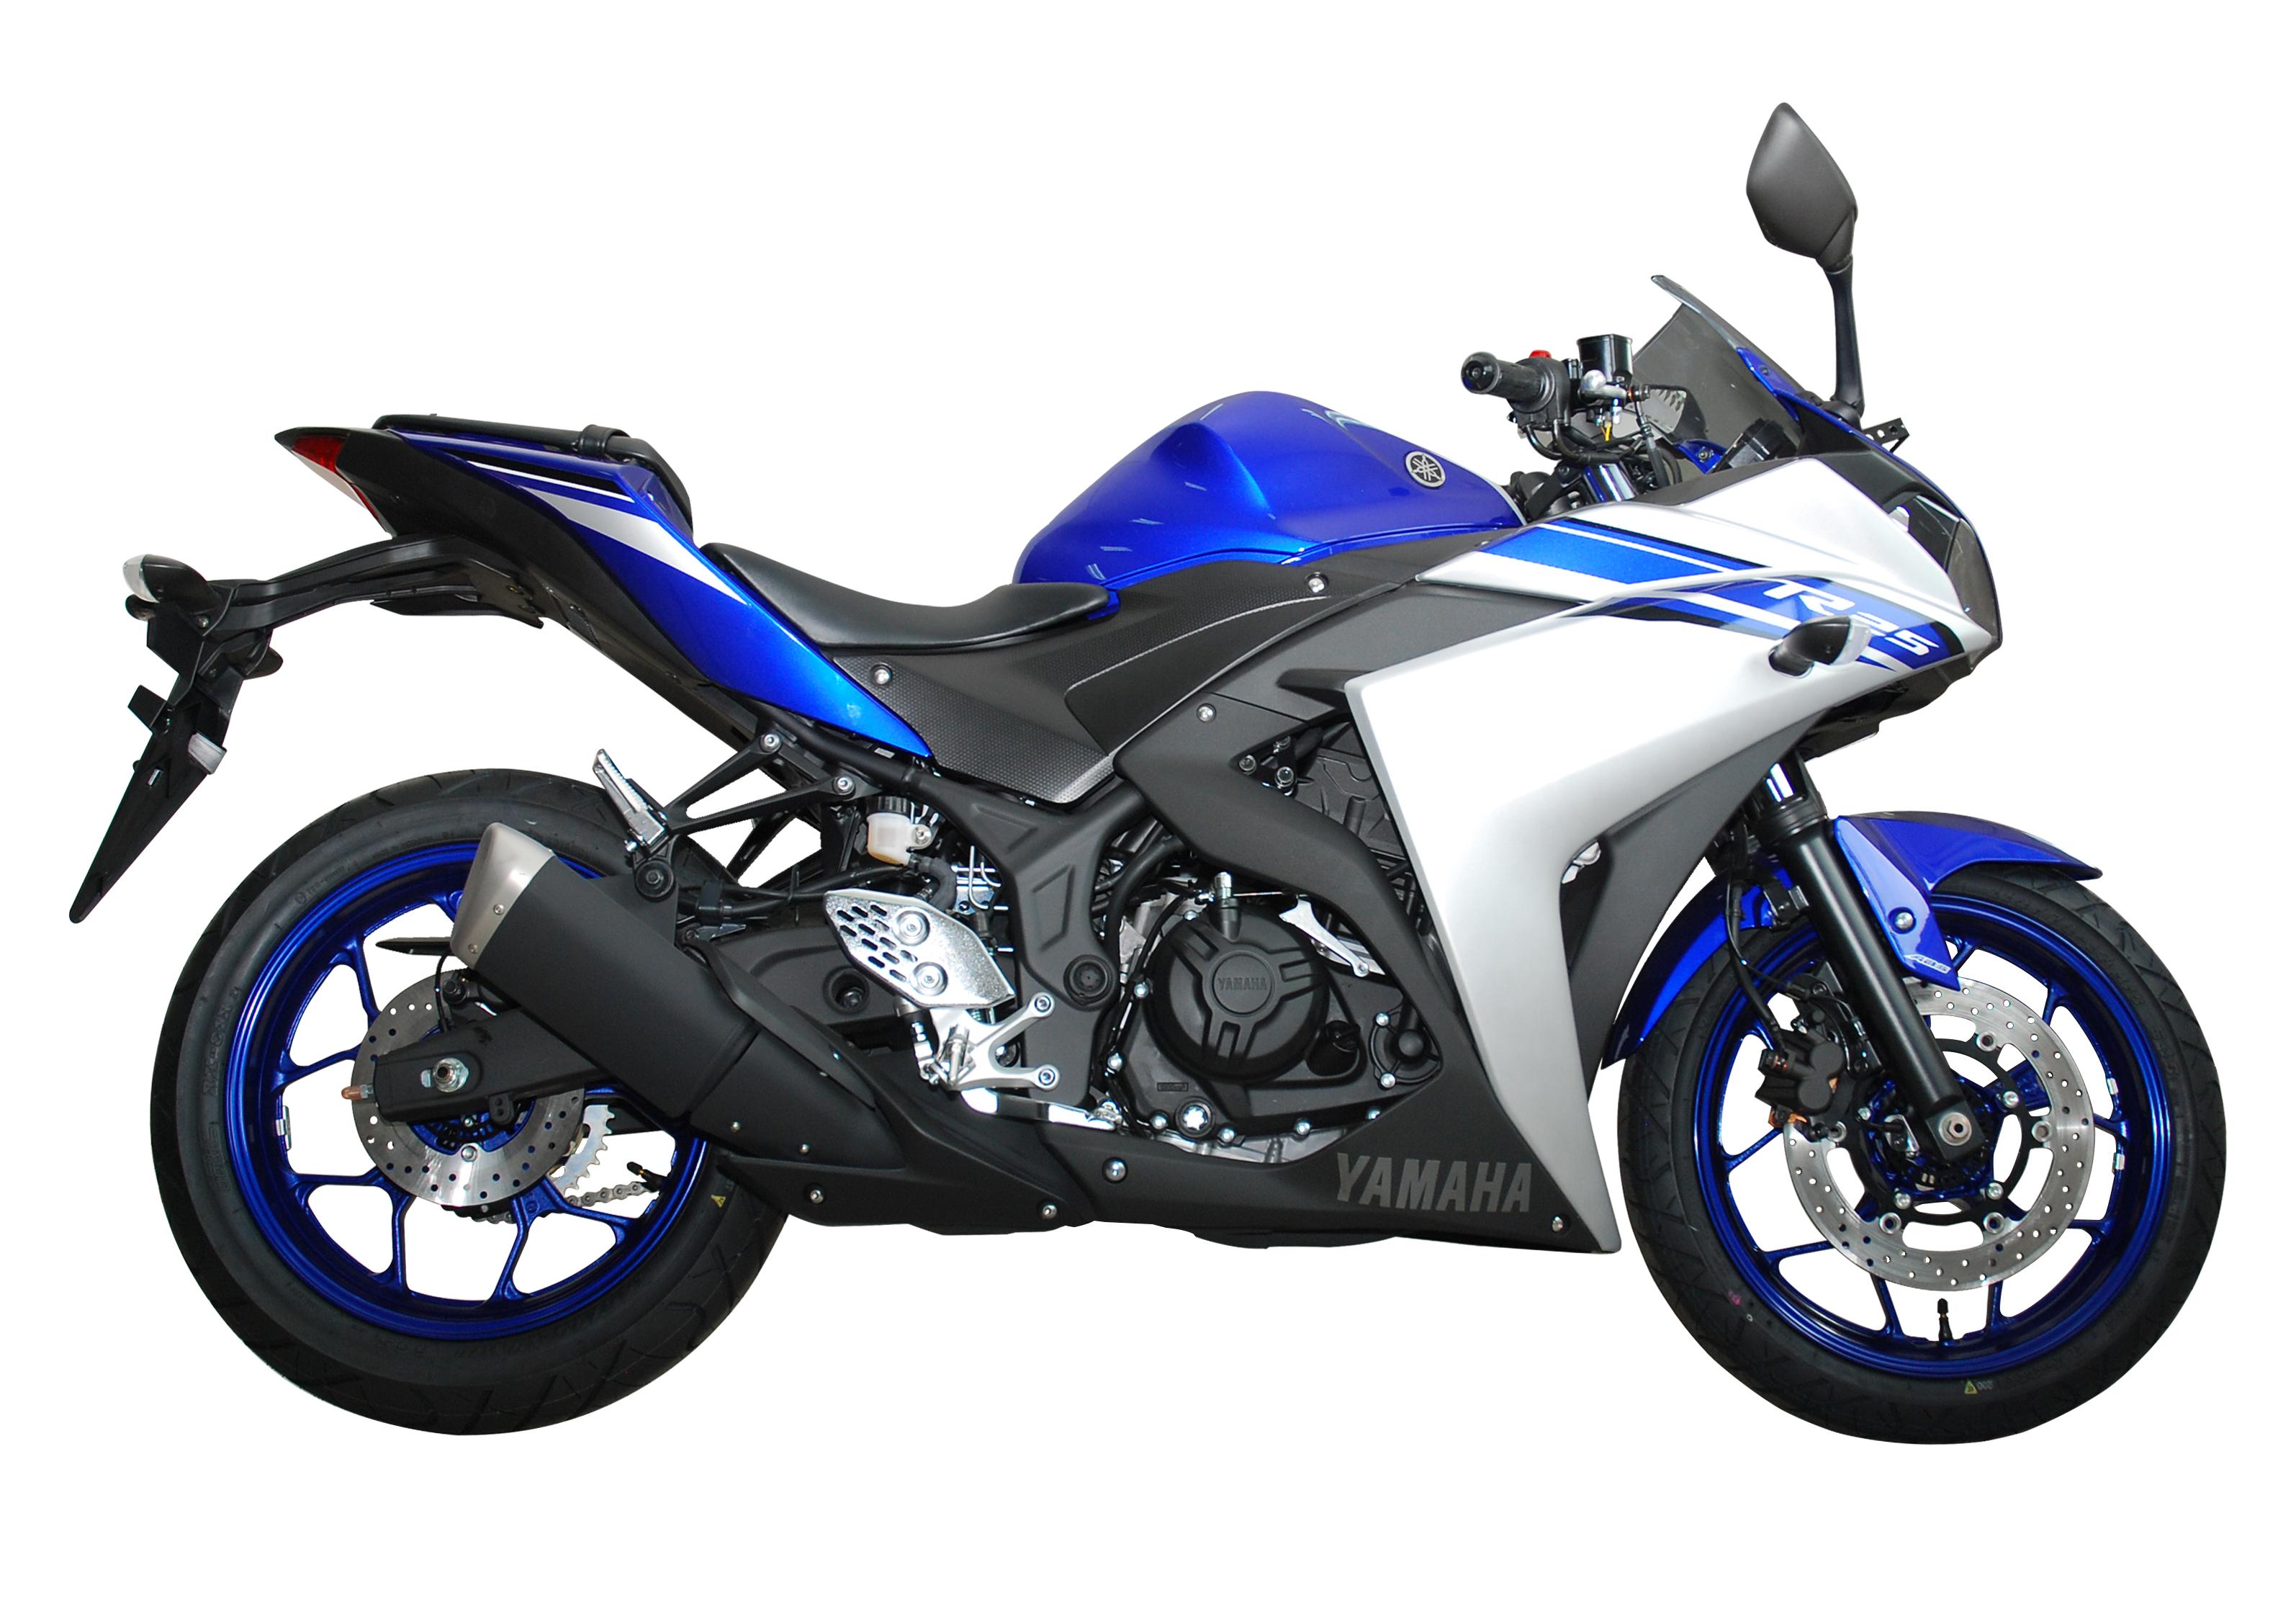 Download 99 Gambar Motor Yamaha R25 Abs Terbaru Dan Terkeren